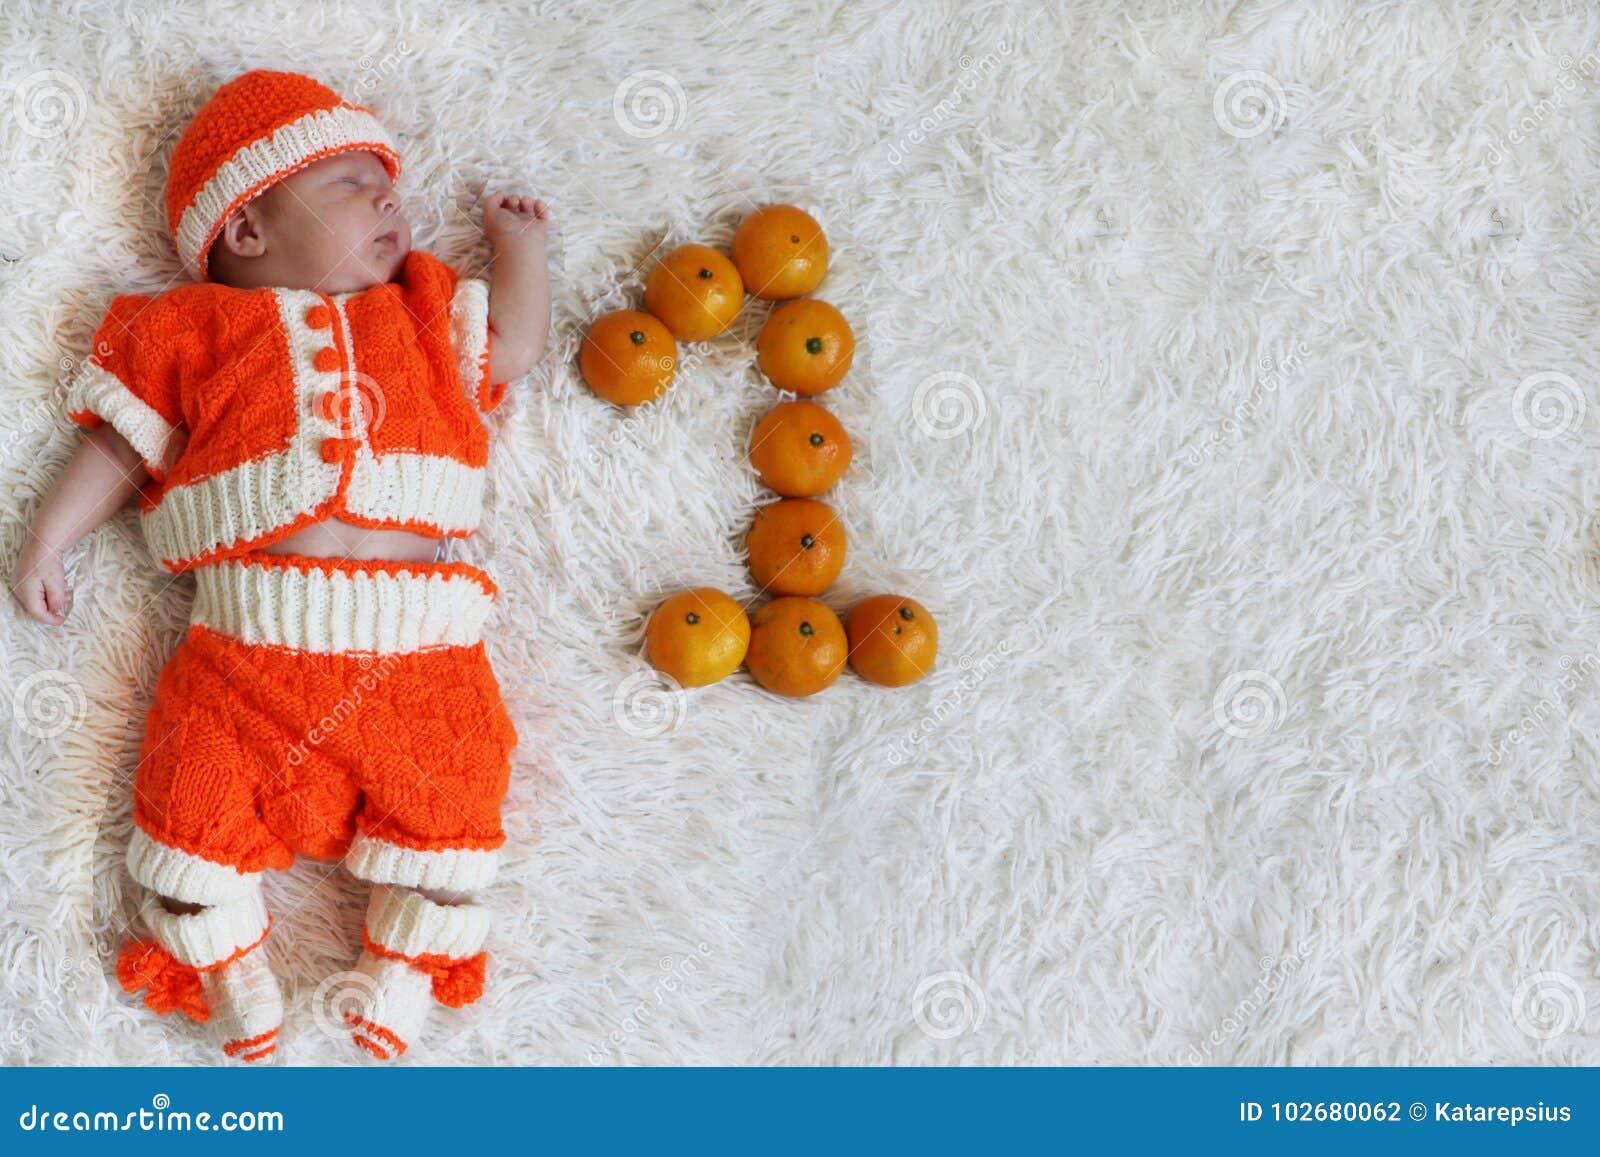 Ein Monatsschätzchen Schlafendes neugeborenes Baby ein Monat alt in der Orange